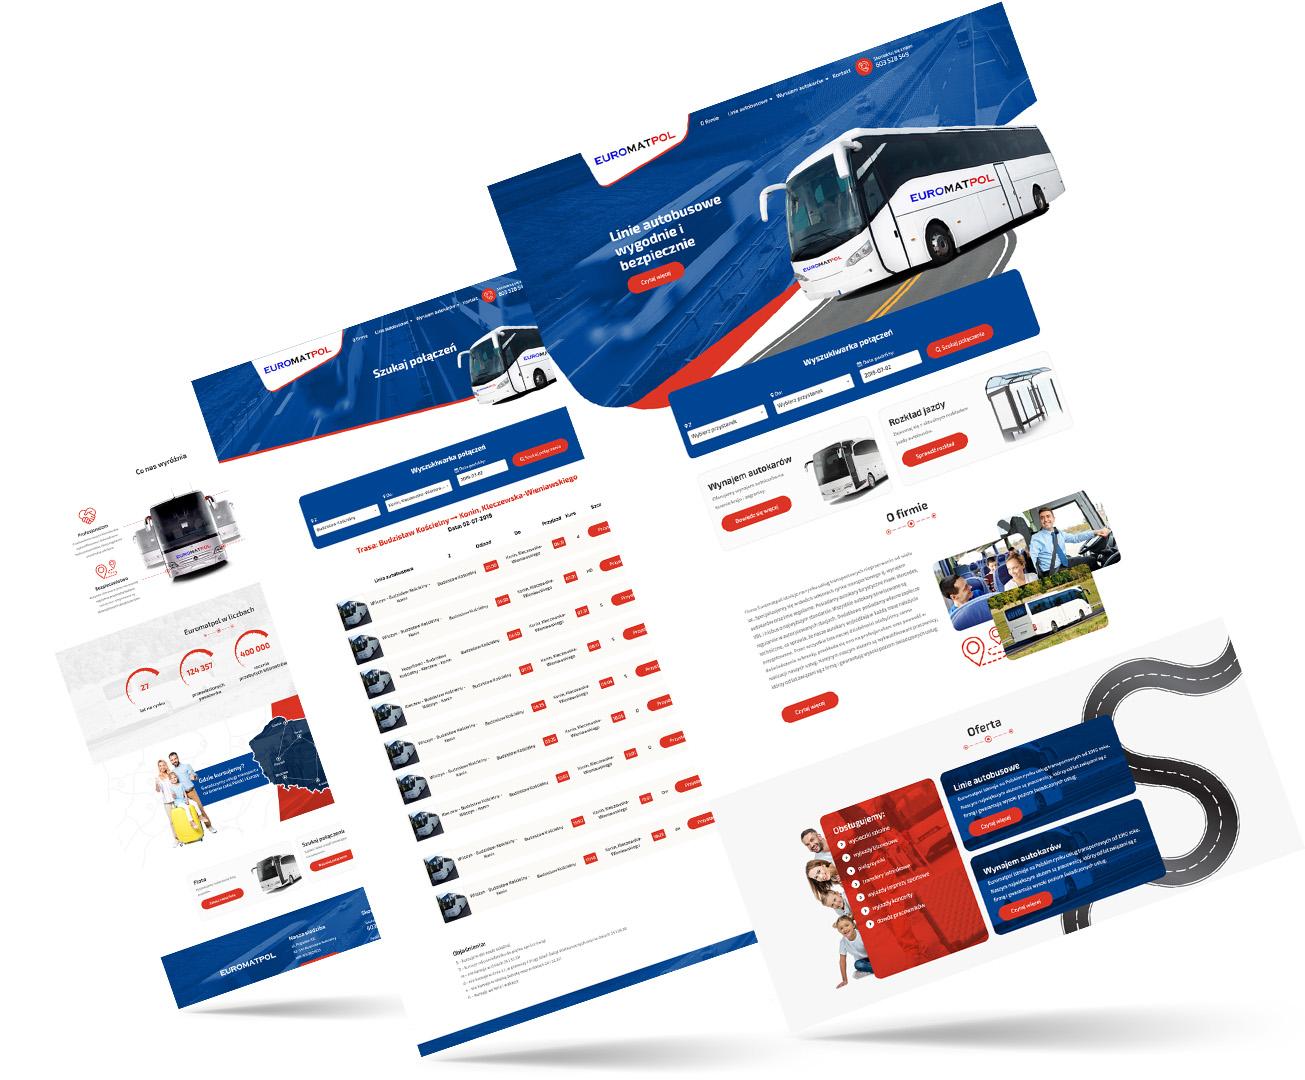 euromatpol, strony internetowe poznań, autokary